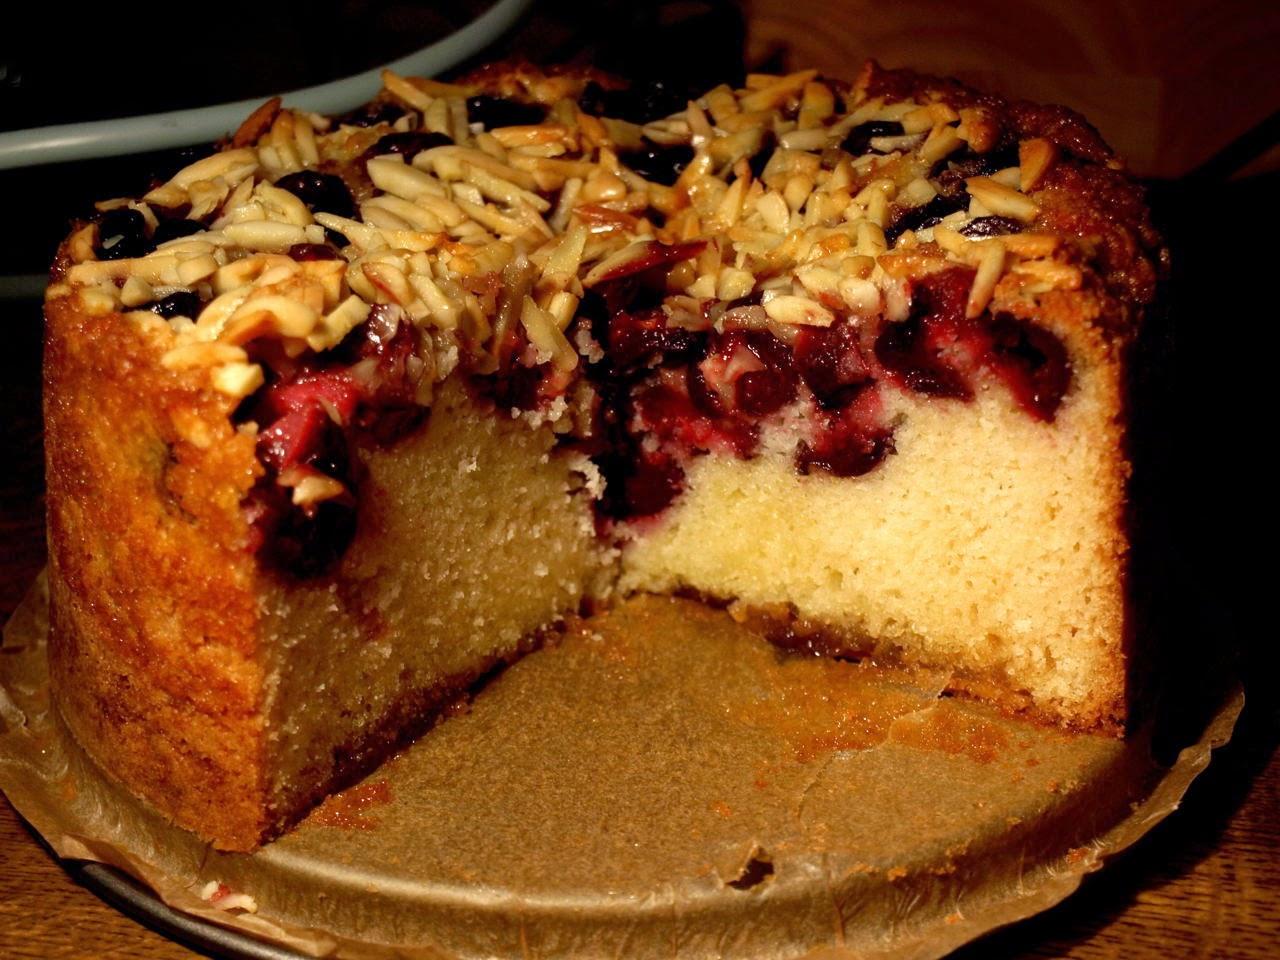 Maya hamurundan kekleri süslemek için. Basit İpuçları